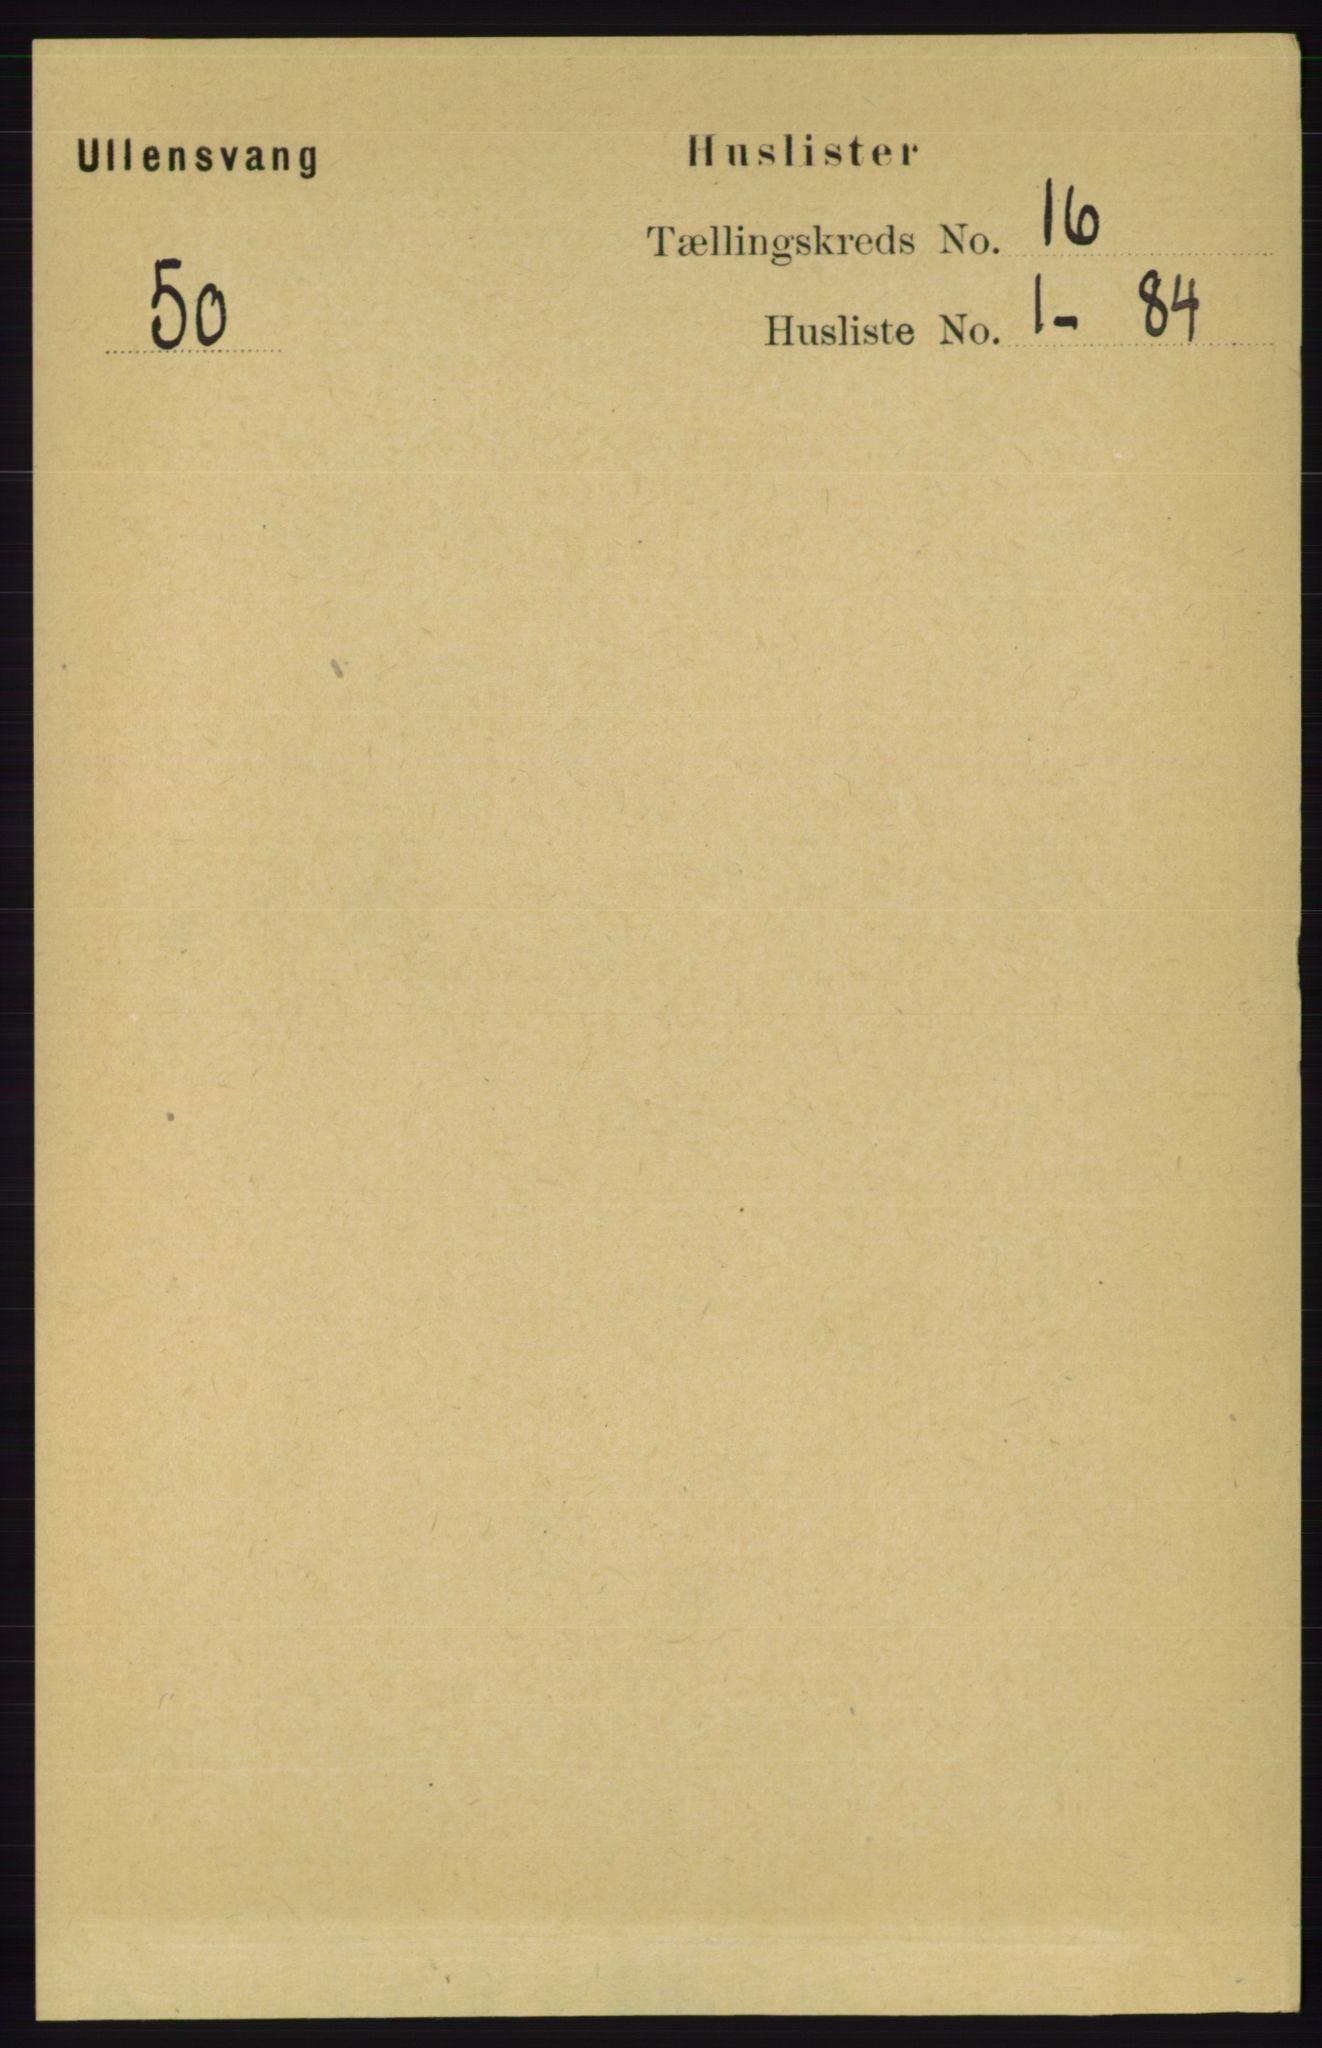 RA, Folketelling 1891 for 1230 Ullensvang herred, 1891, s. 6145